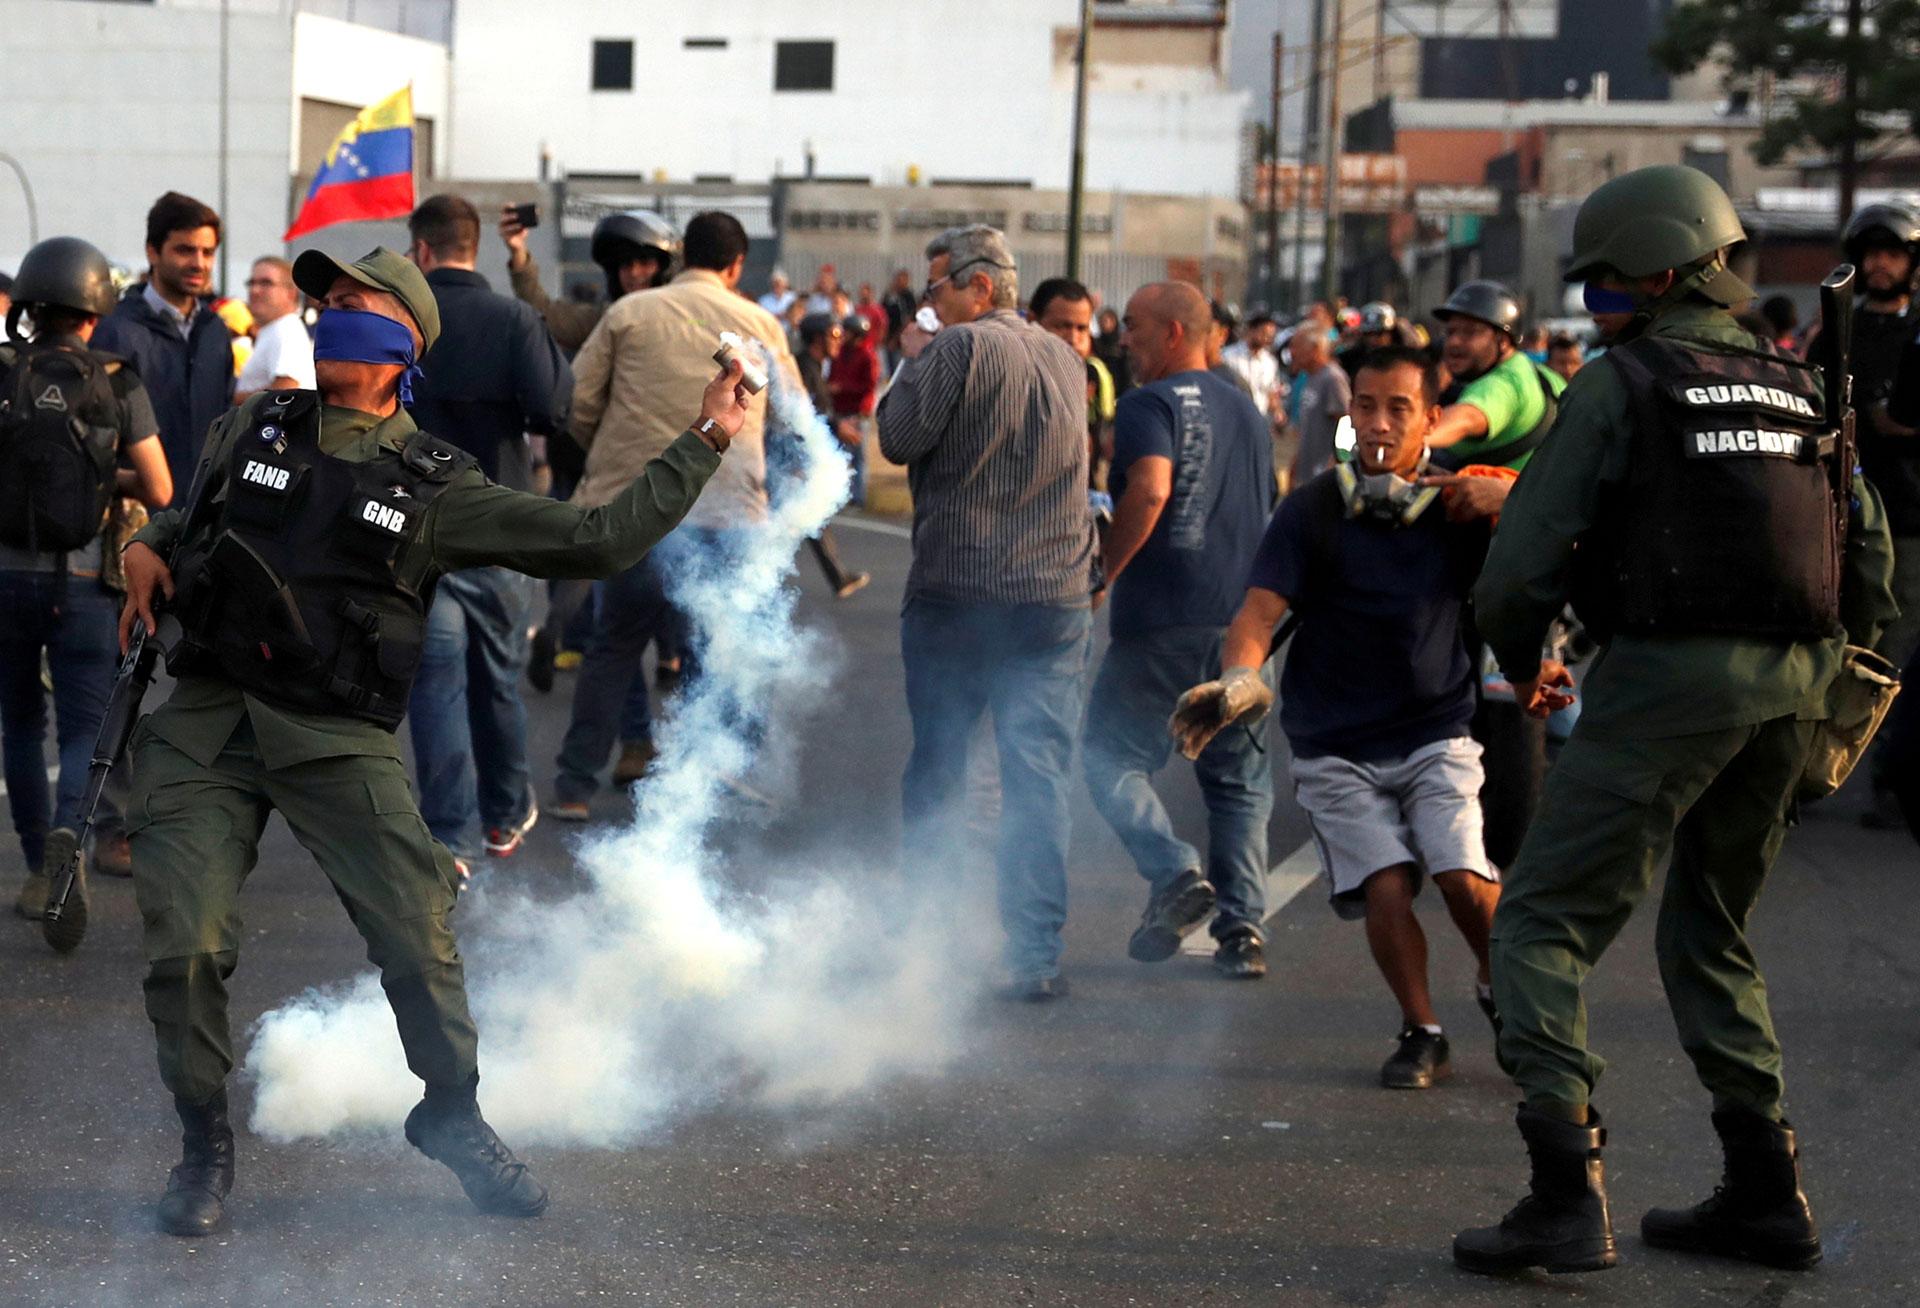 Un miembro de la Guardia Nacional leal a Juan Guaidó devuelve una bomba de gas lacrimógeno lanzado por las fuerzas chavistas para reprimir.